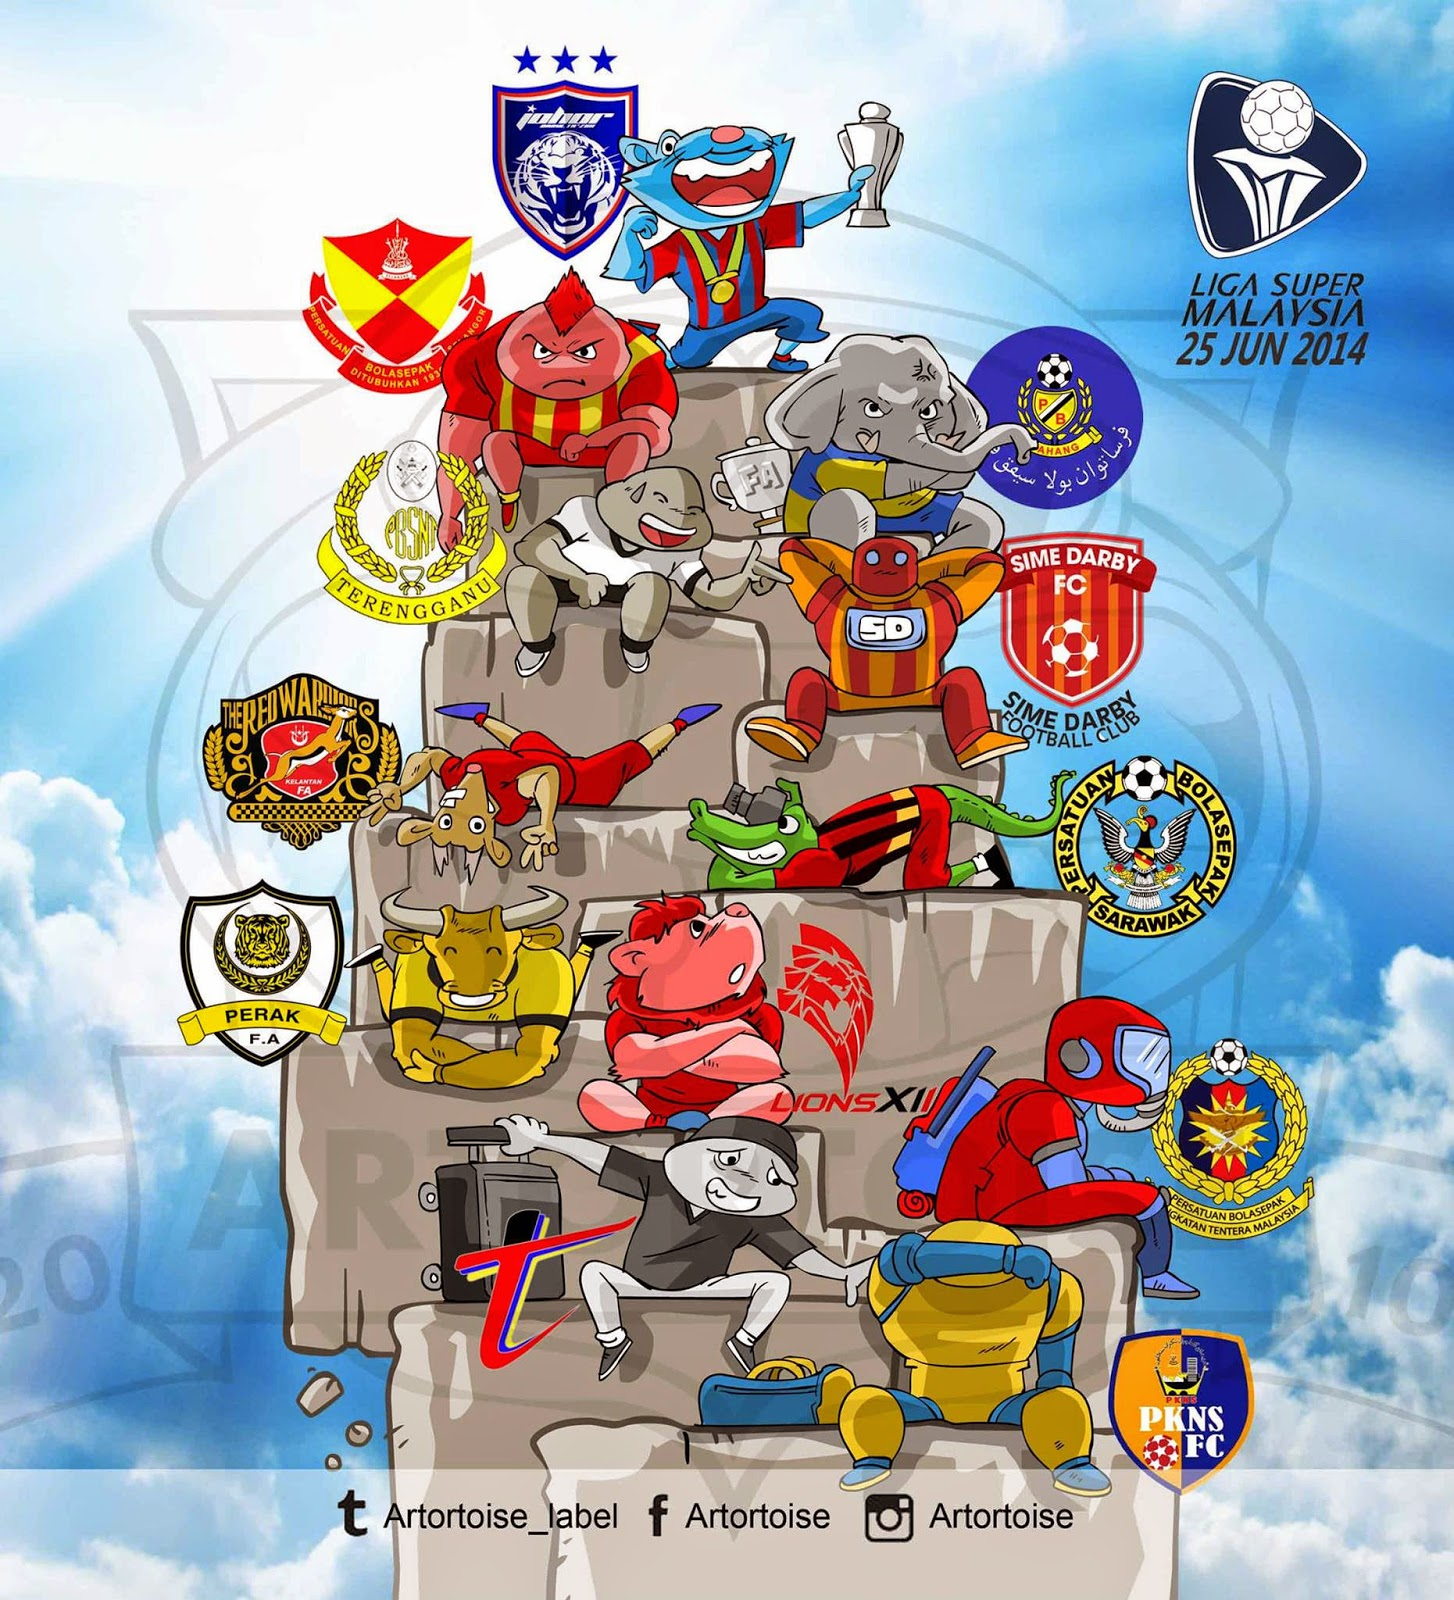 carta kedudukan liga super 2014